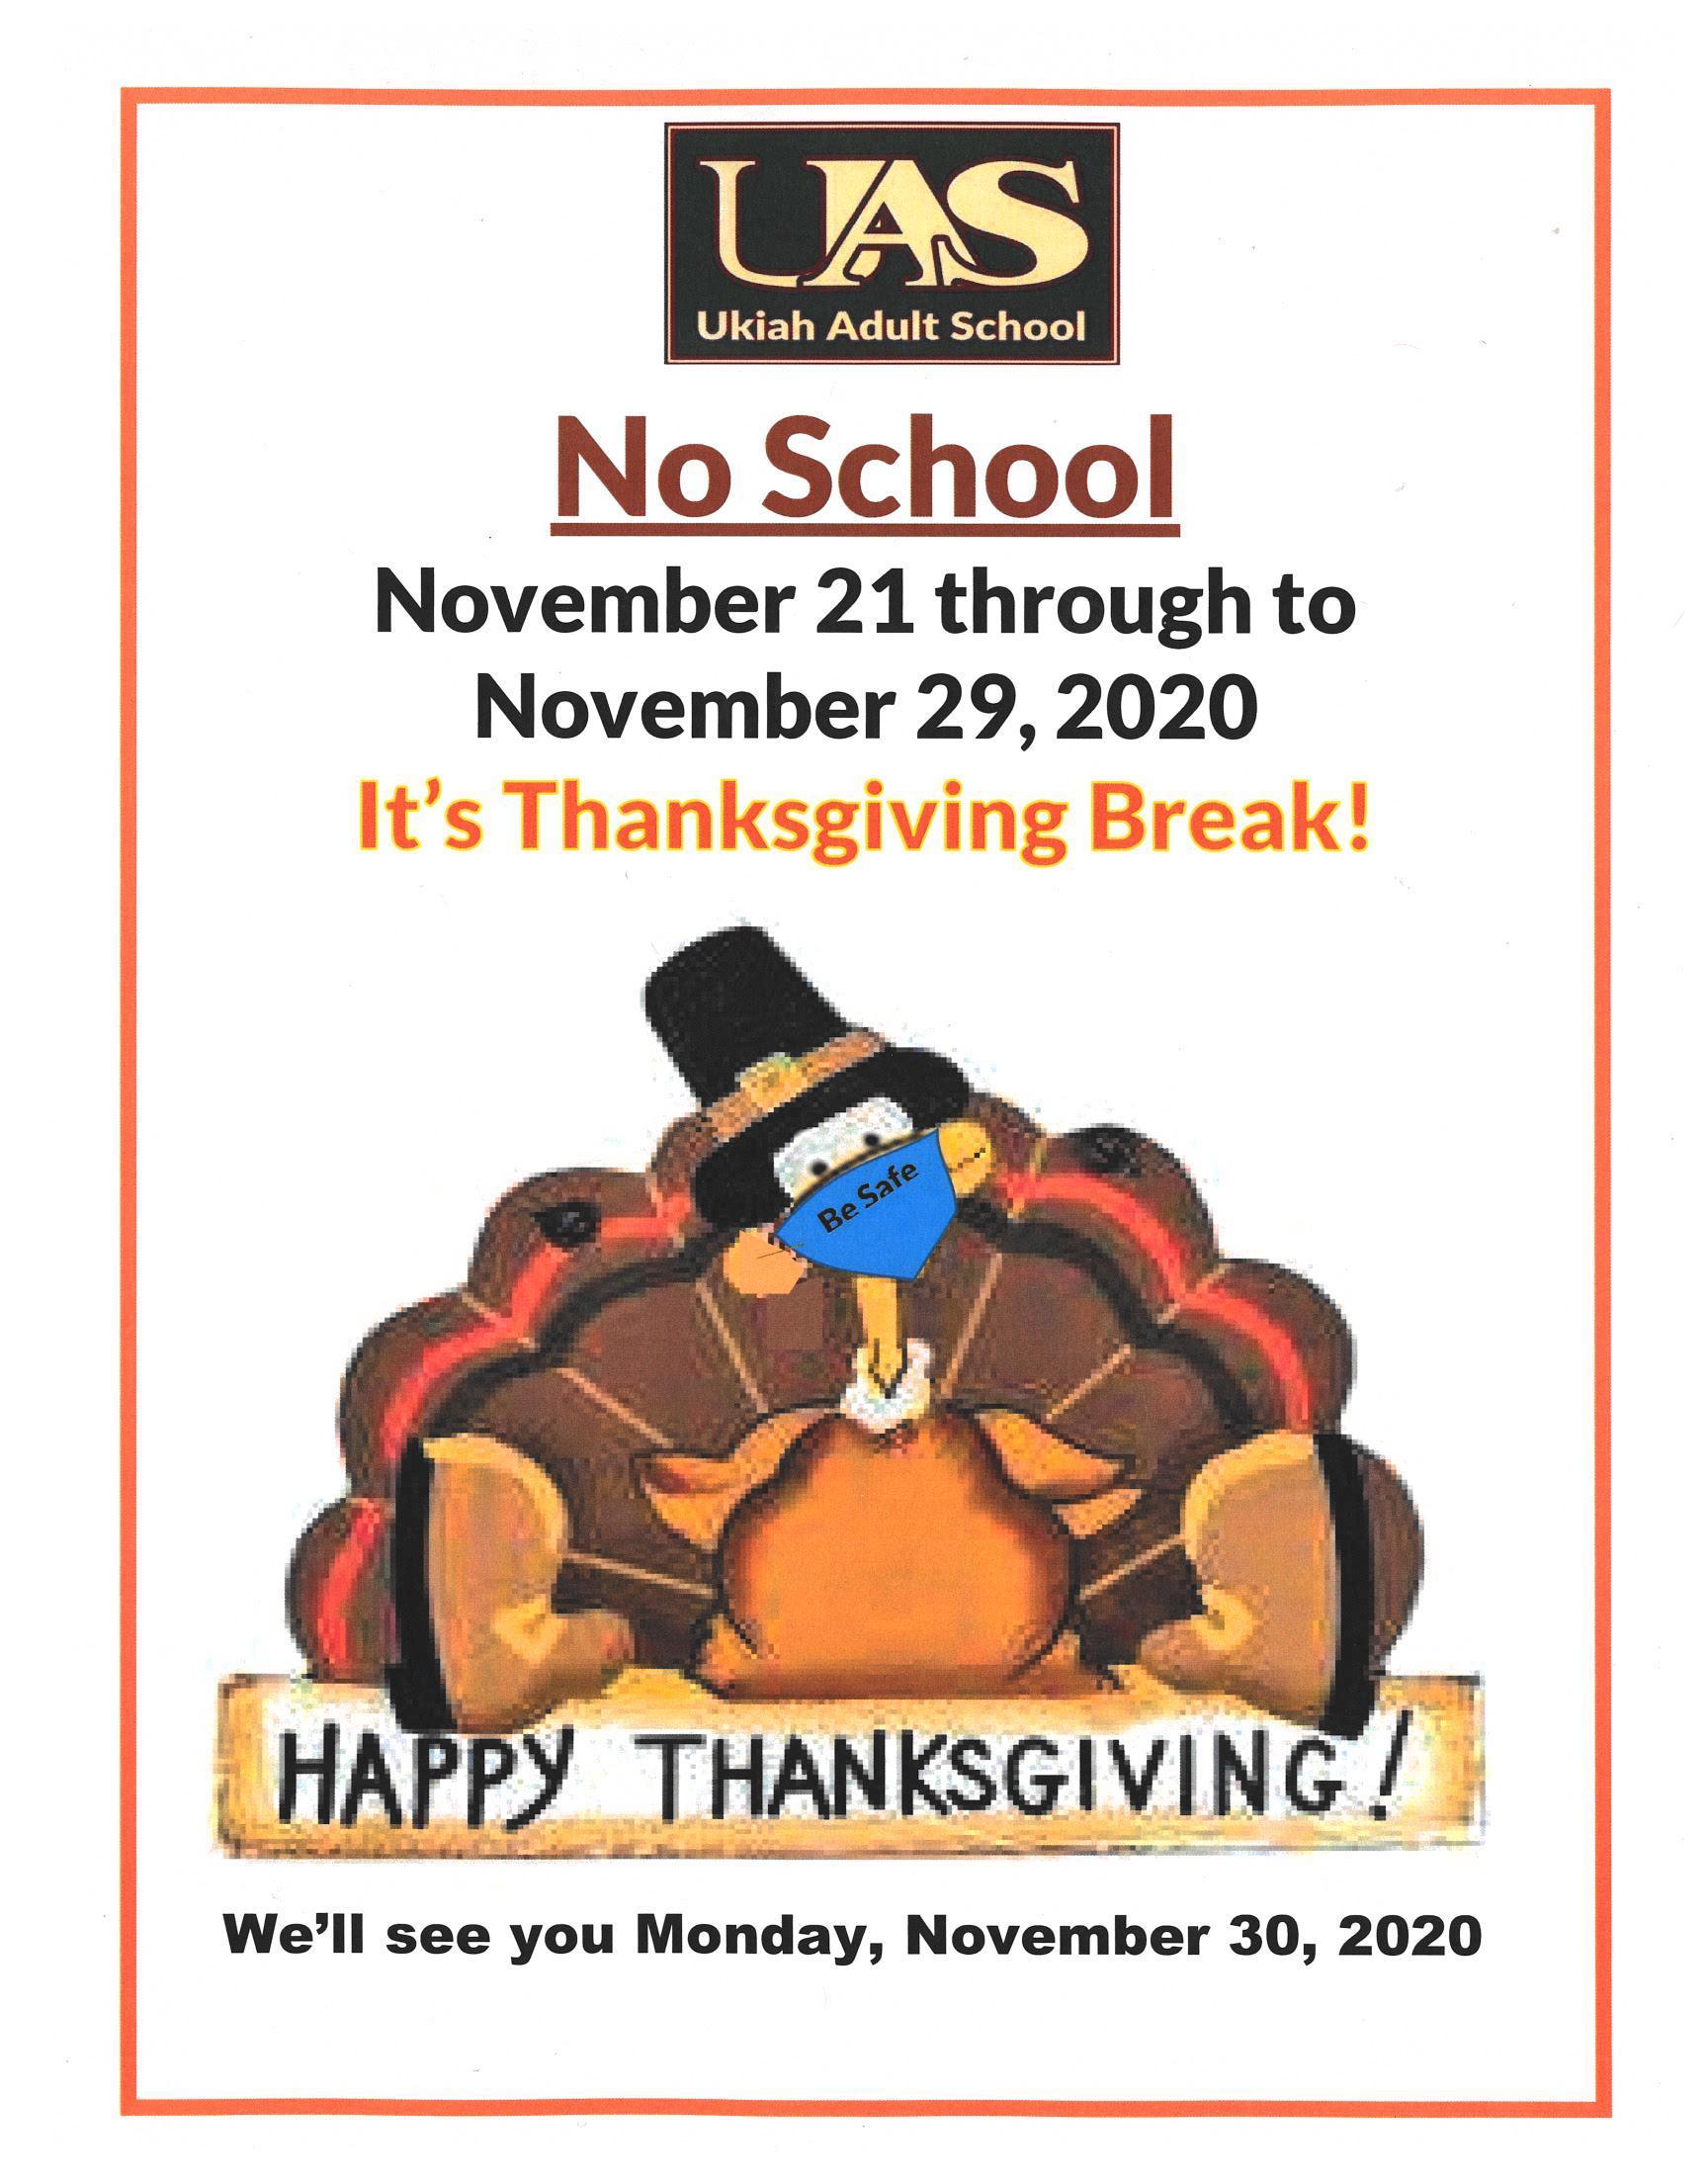 No School, november 21 through to November 29, 2020. We'll see you Monday november 30, 2020 poster